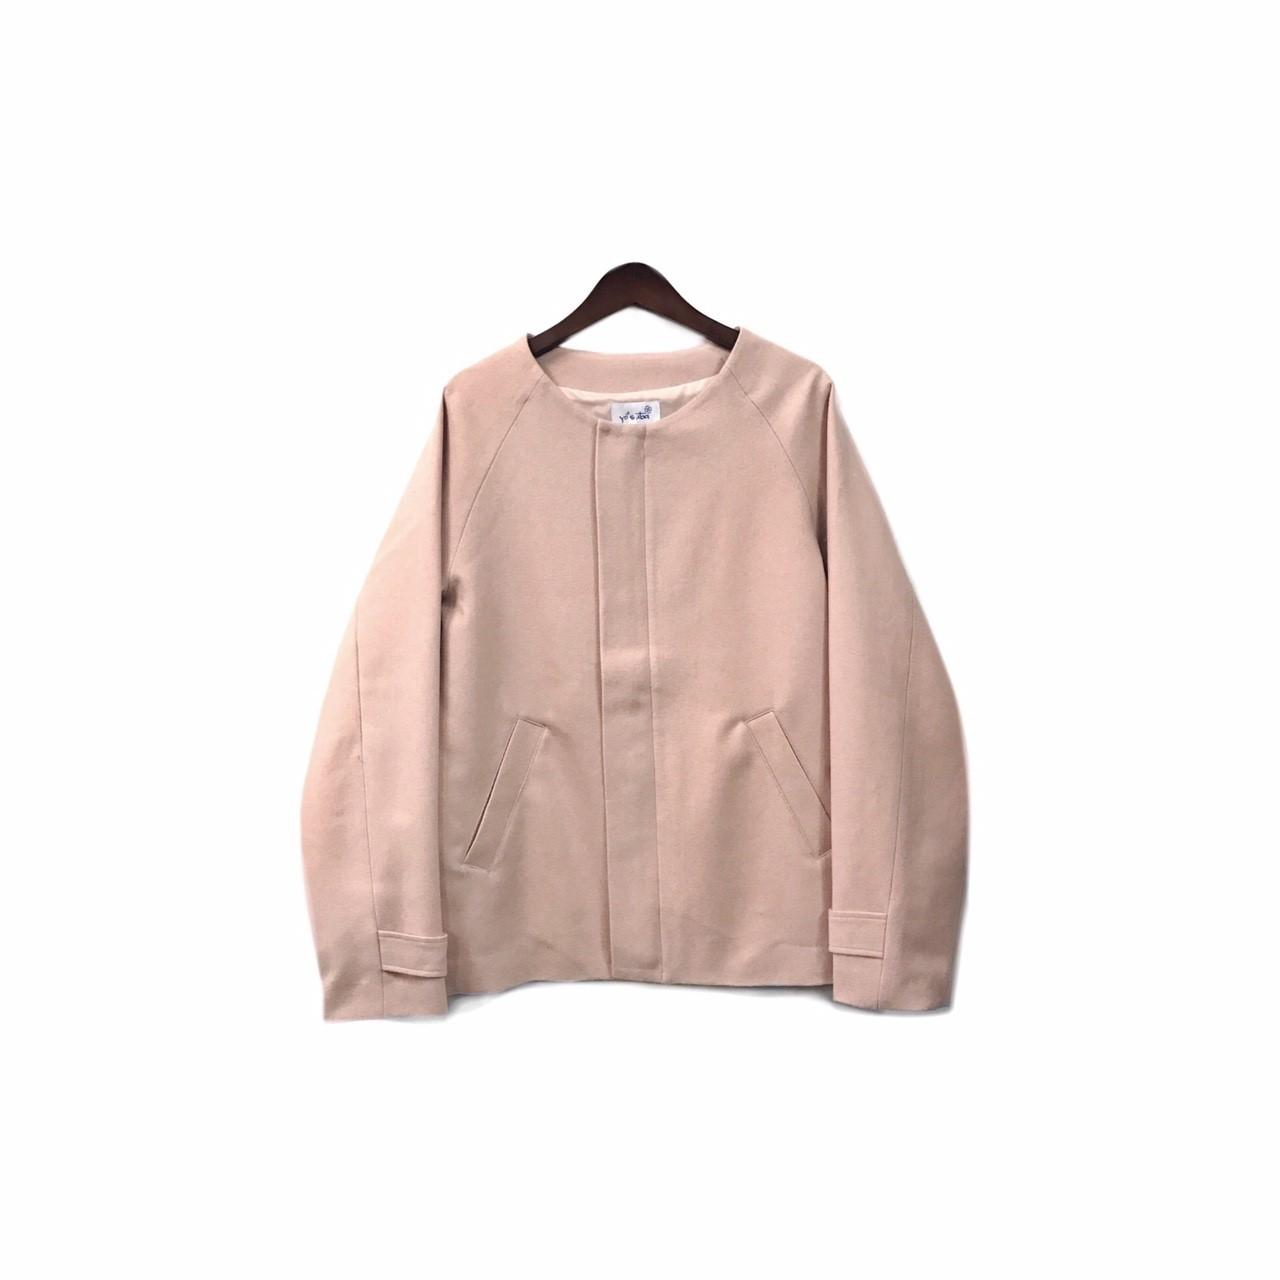 yotsuba - Nocollar Jacket / Pink ¥35000+tax